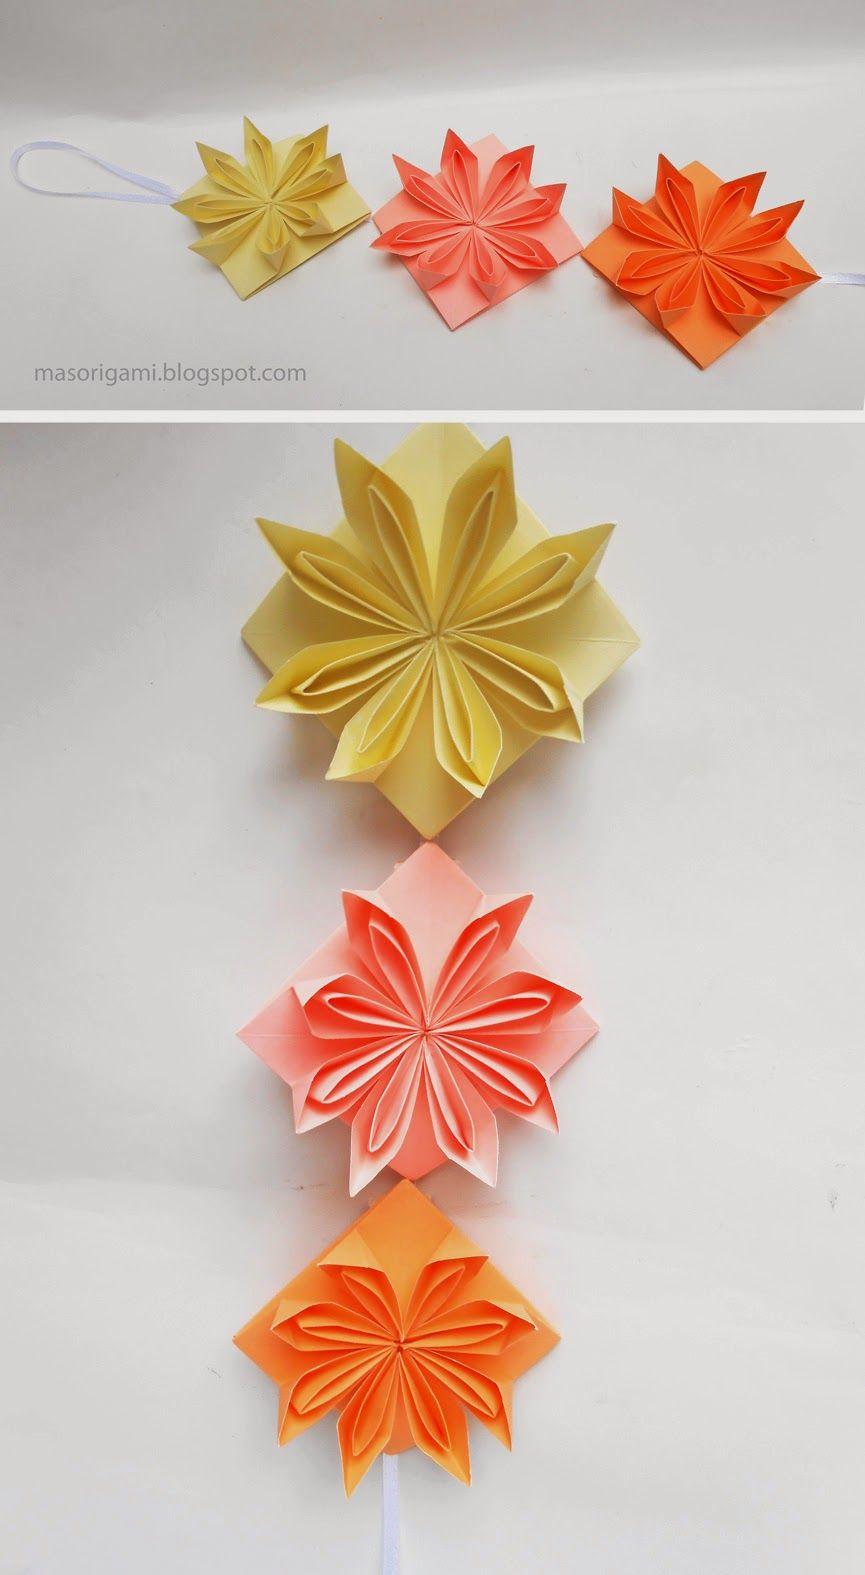 mas origami | origami flowers | Pinterest | Origami, Origami ...